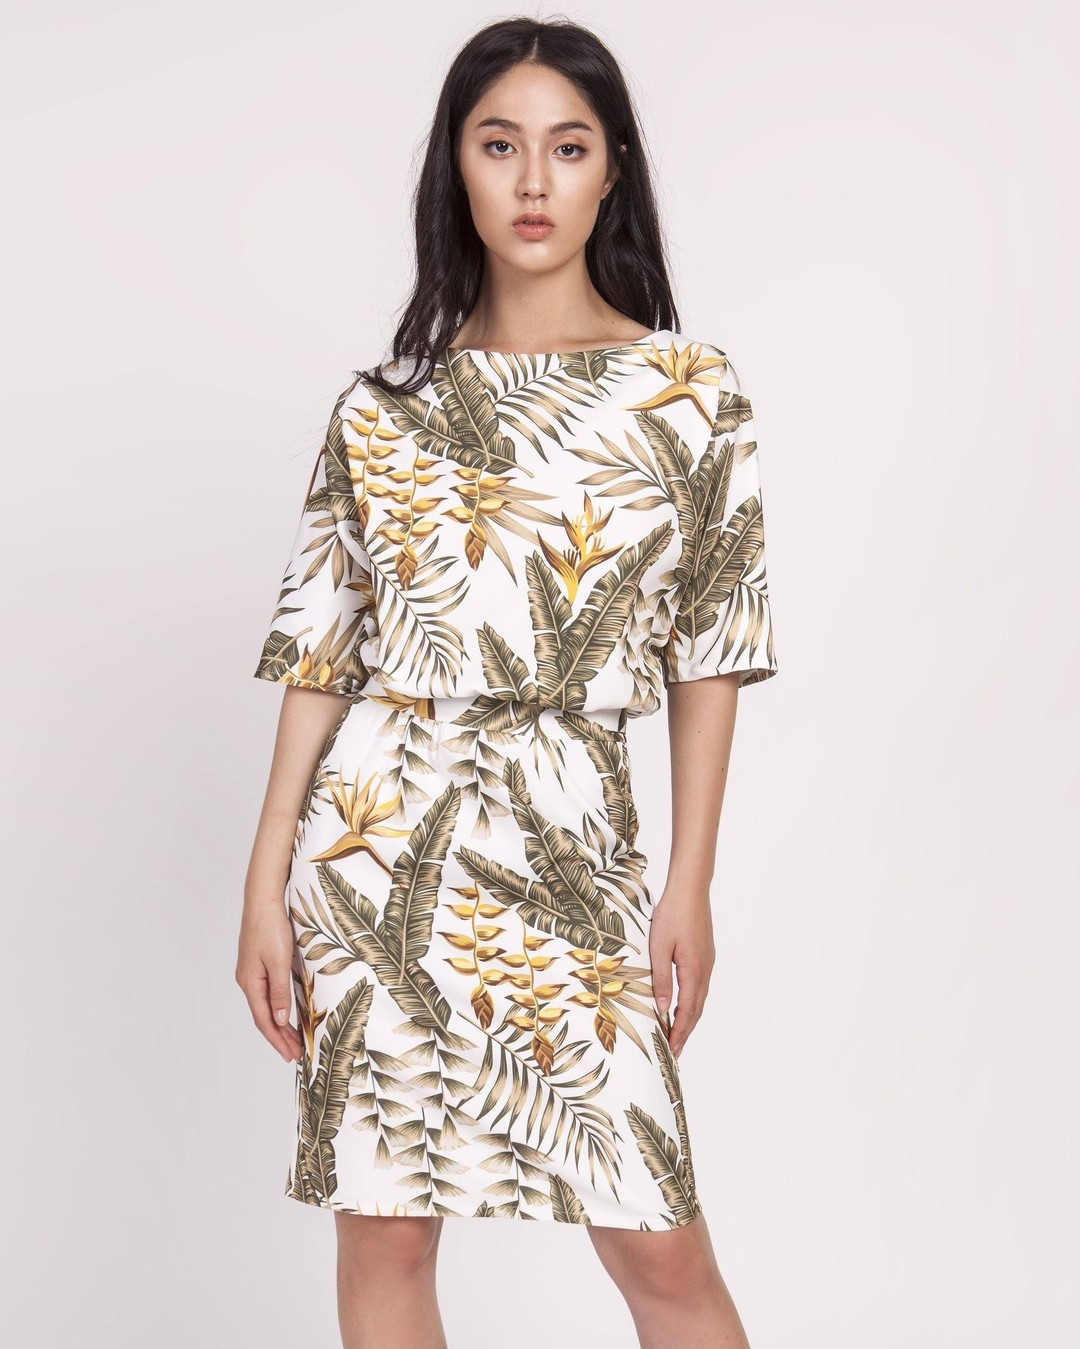 Ten fason to nasz bezapelacyjny bestseller. Dlatego gdy tylko znajdujemy jakiś ciekawy wzór tkaniny, zaraz go dla was w niej szyjemy. I po waszych koszykach widać, że wciąż nie macie go dość 😃 #sukienki #polskiesukienki #najmodniejszesukienki #sukienkiwieczorowe #sukienkikoktajlowe #sukienkikoktailowe #sukienkinawesele #sukienkiweselne #sukienkinalato #sukienkinarandkę #sukienkakoktajlowa #sukienkamini #sukienkamidi #sukienkamaxi #sukienkamarzeń #kieckamusibyć #sukienkadopracy #sukienkadotańca #sukienkadotanca #sukienkidobiura #sukienkinacodzien #sukienkinacodzień #sukienkinacywilny #sukienkadocywilnego #sukniawieczorowa #sukienkiweselne2020 #wieczorowesukienki #sukienkinaimprezę #sukienkiimprezowe #sukienkiwizytowe